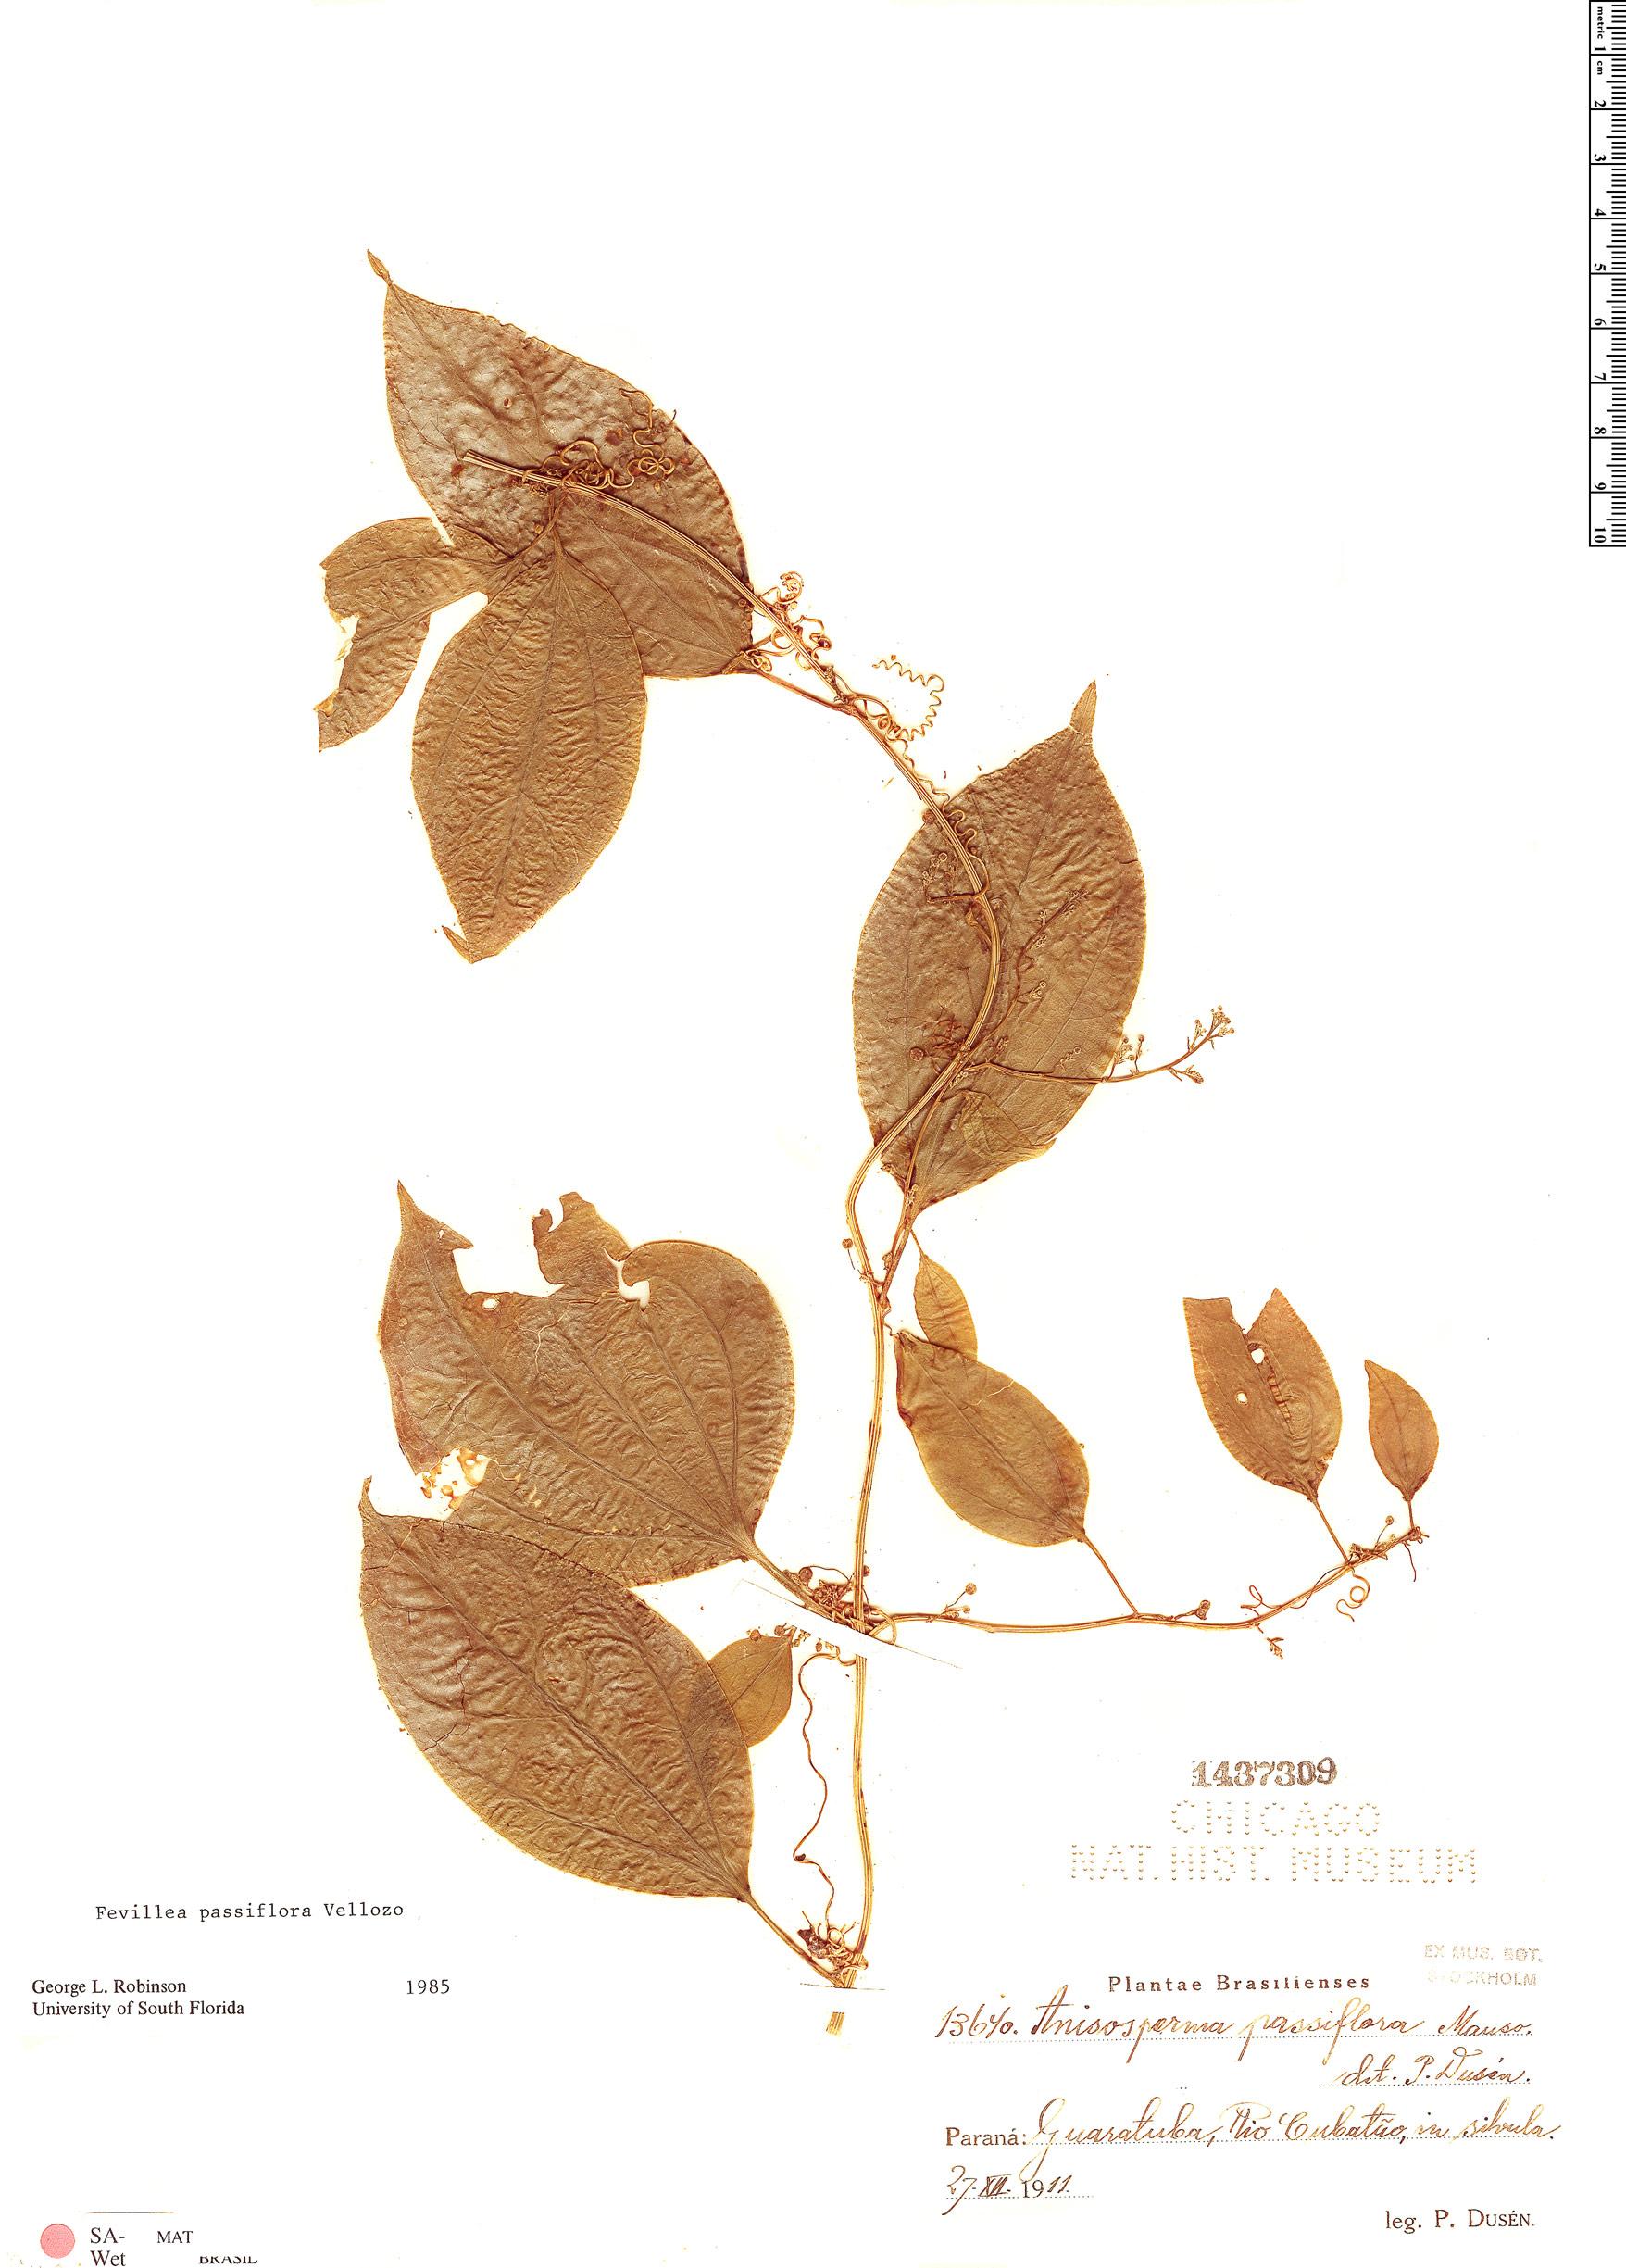 Specimen: Fevillea passiflora